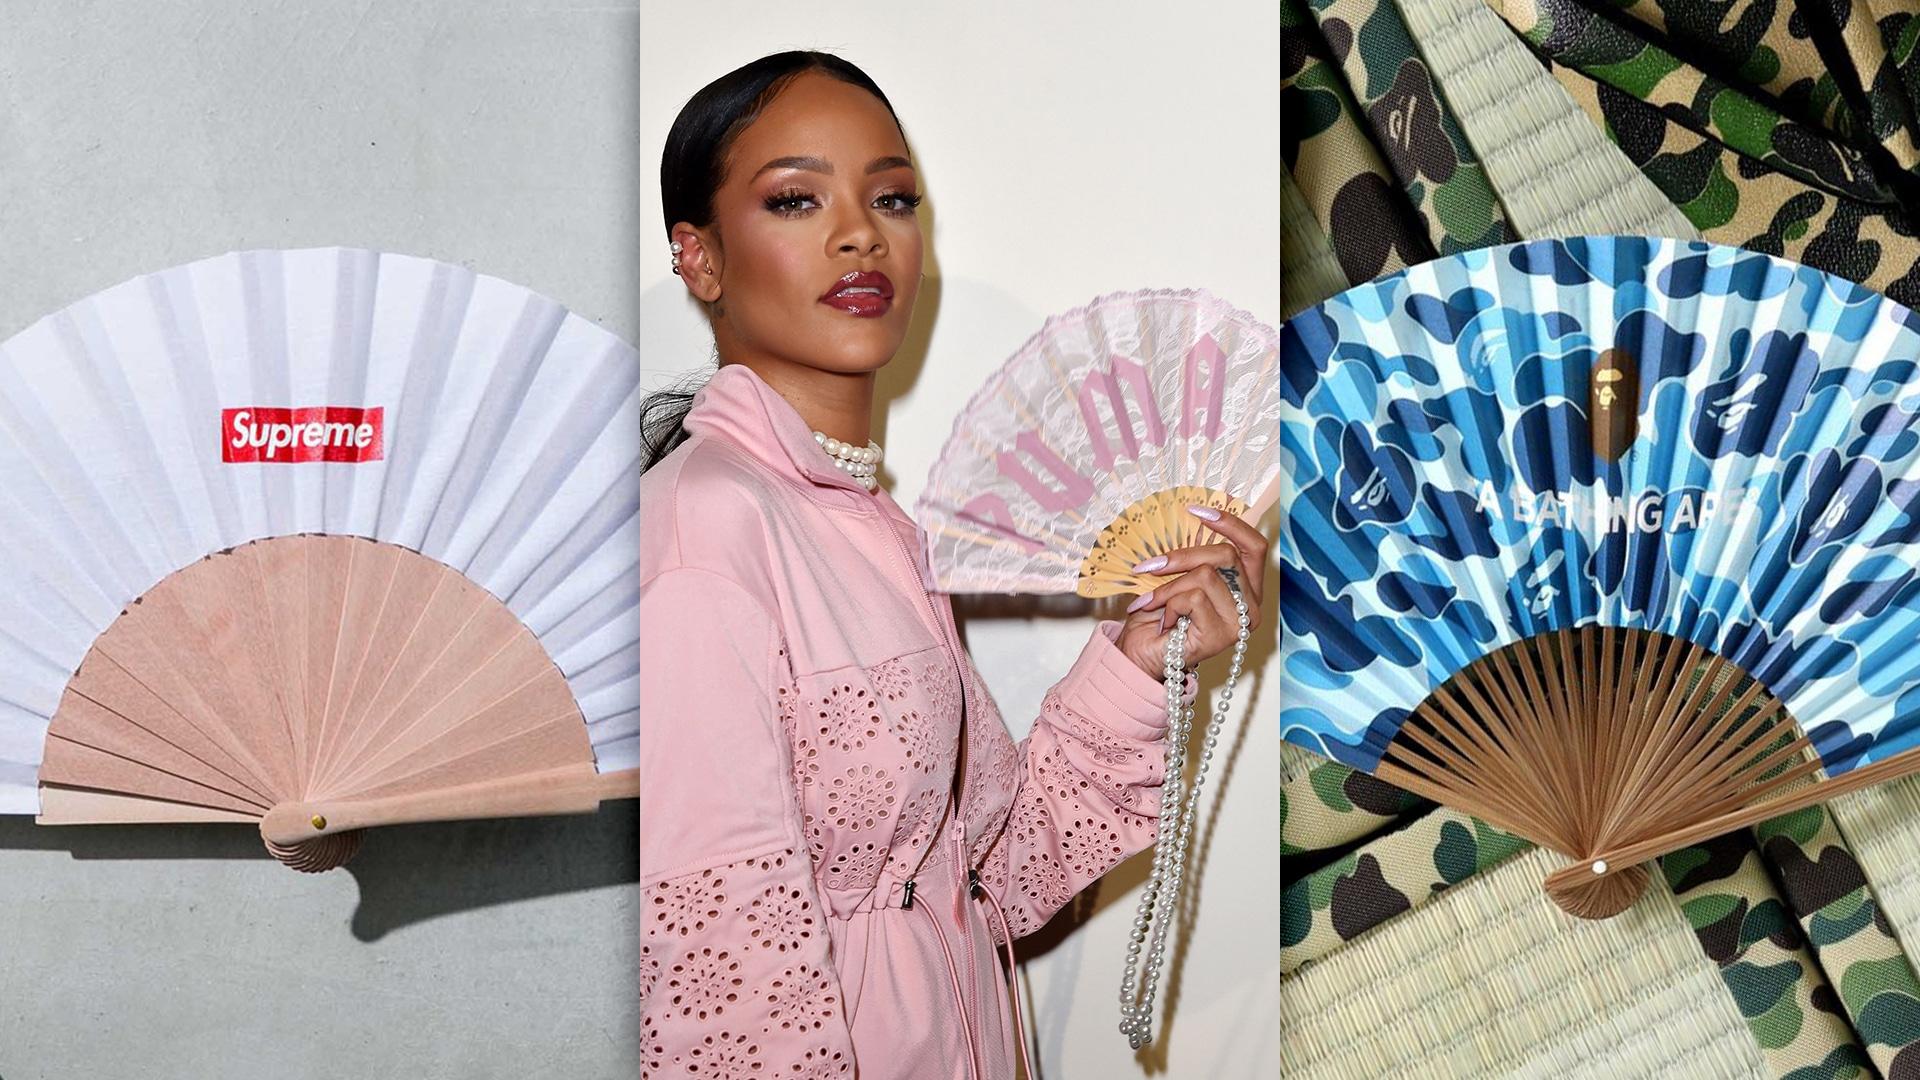 Composition de trois photos d'éventails de marques streetwear et sportswear : Supreme, Puma X Fenti (by Rihanna), BAPE (A Bathing Ape